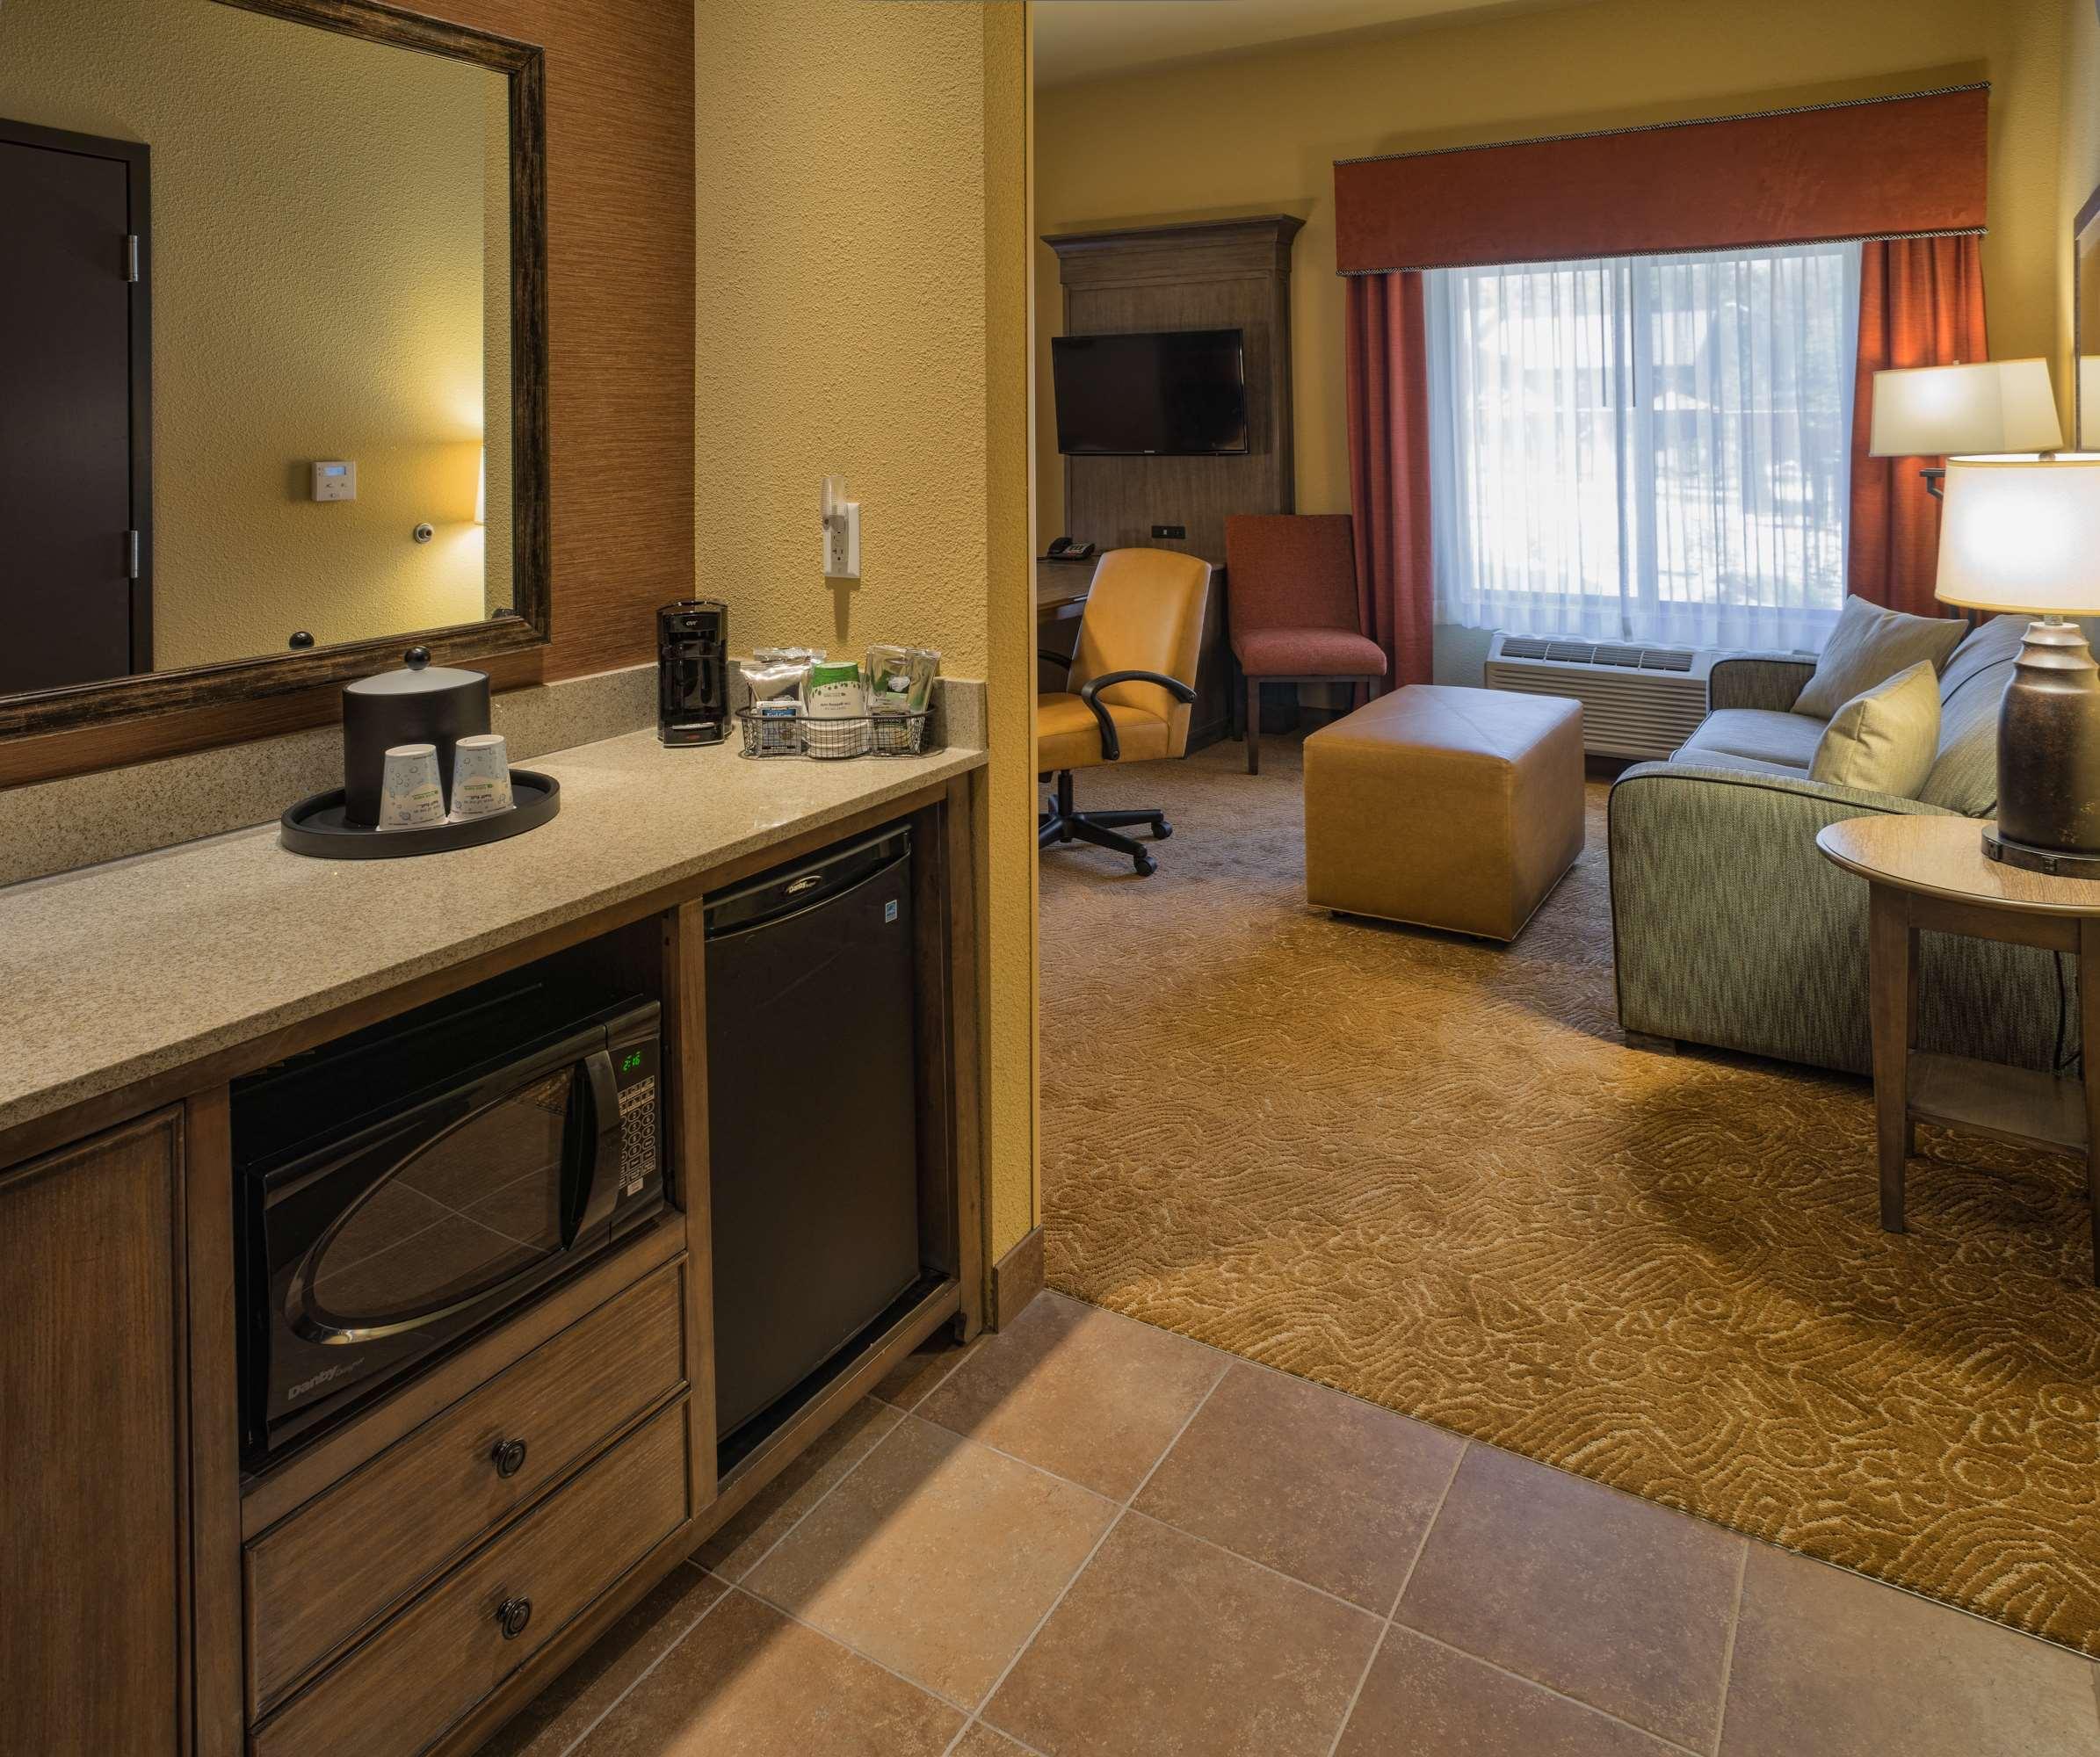 Hampton Inn & Suites Springdale/Zion National Park image 16